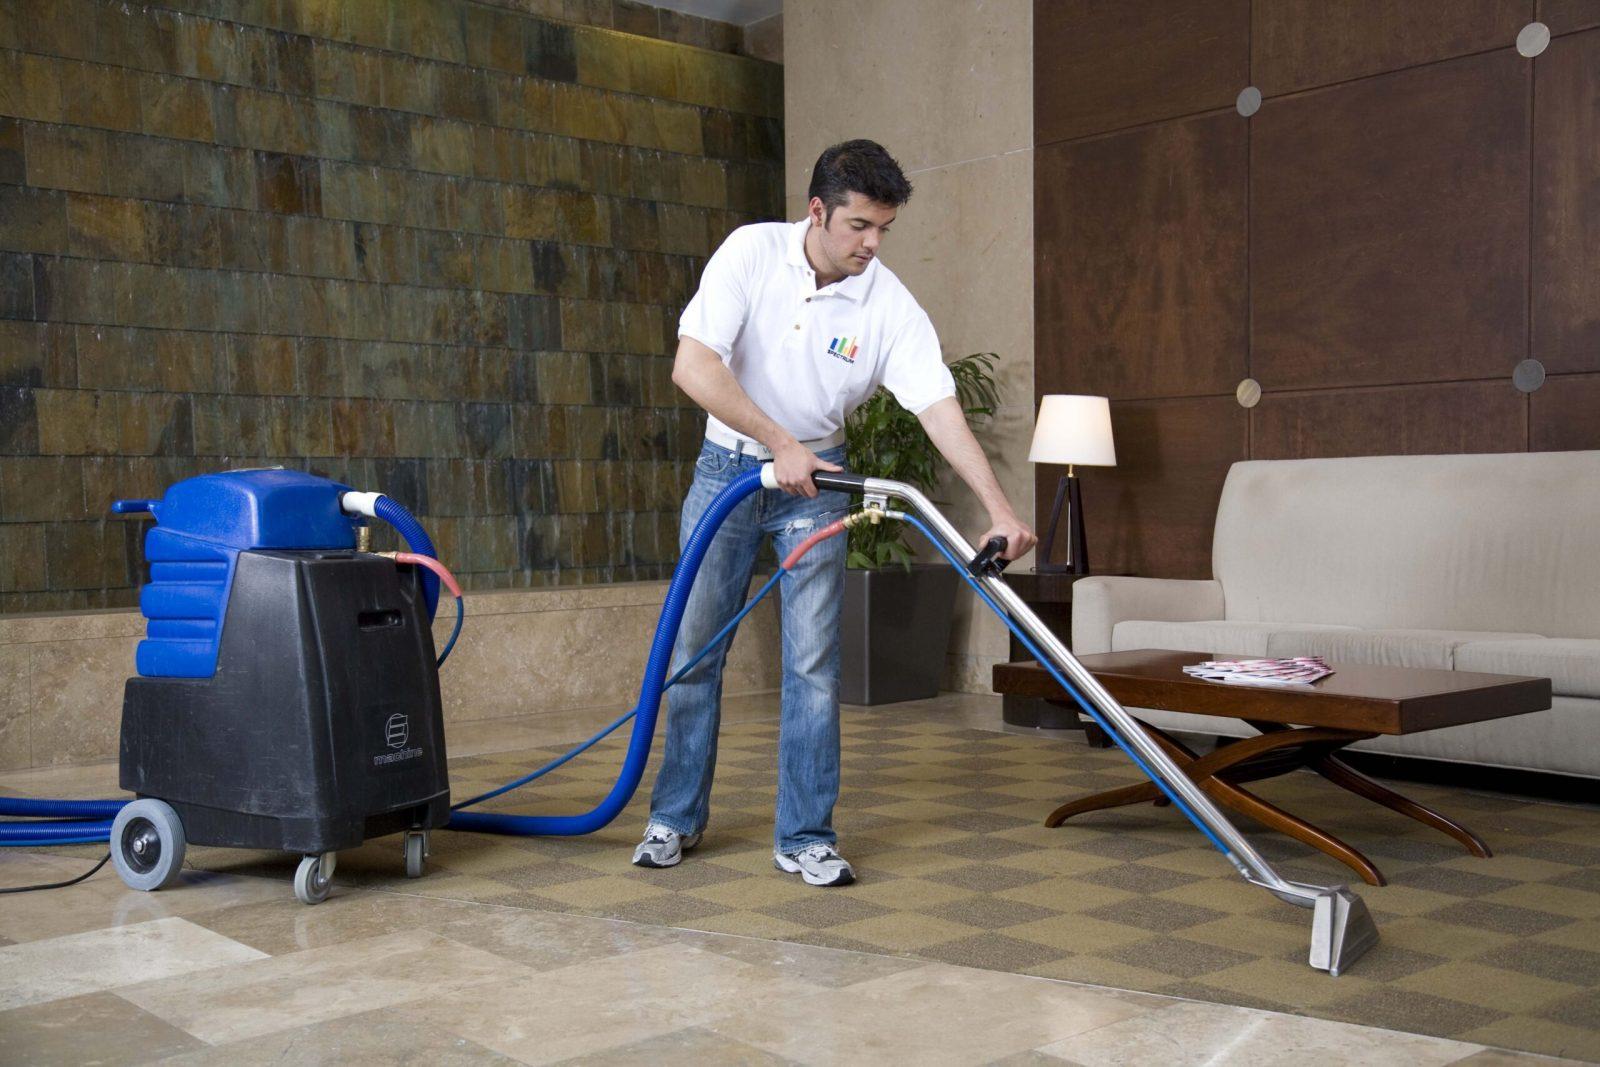 أرخص شركة تنظيف منازل وفلل